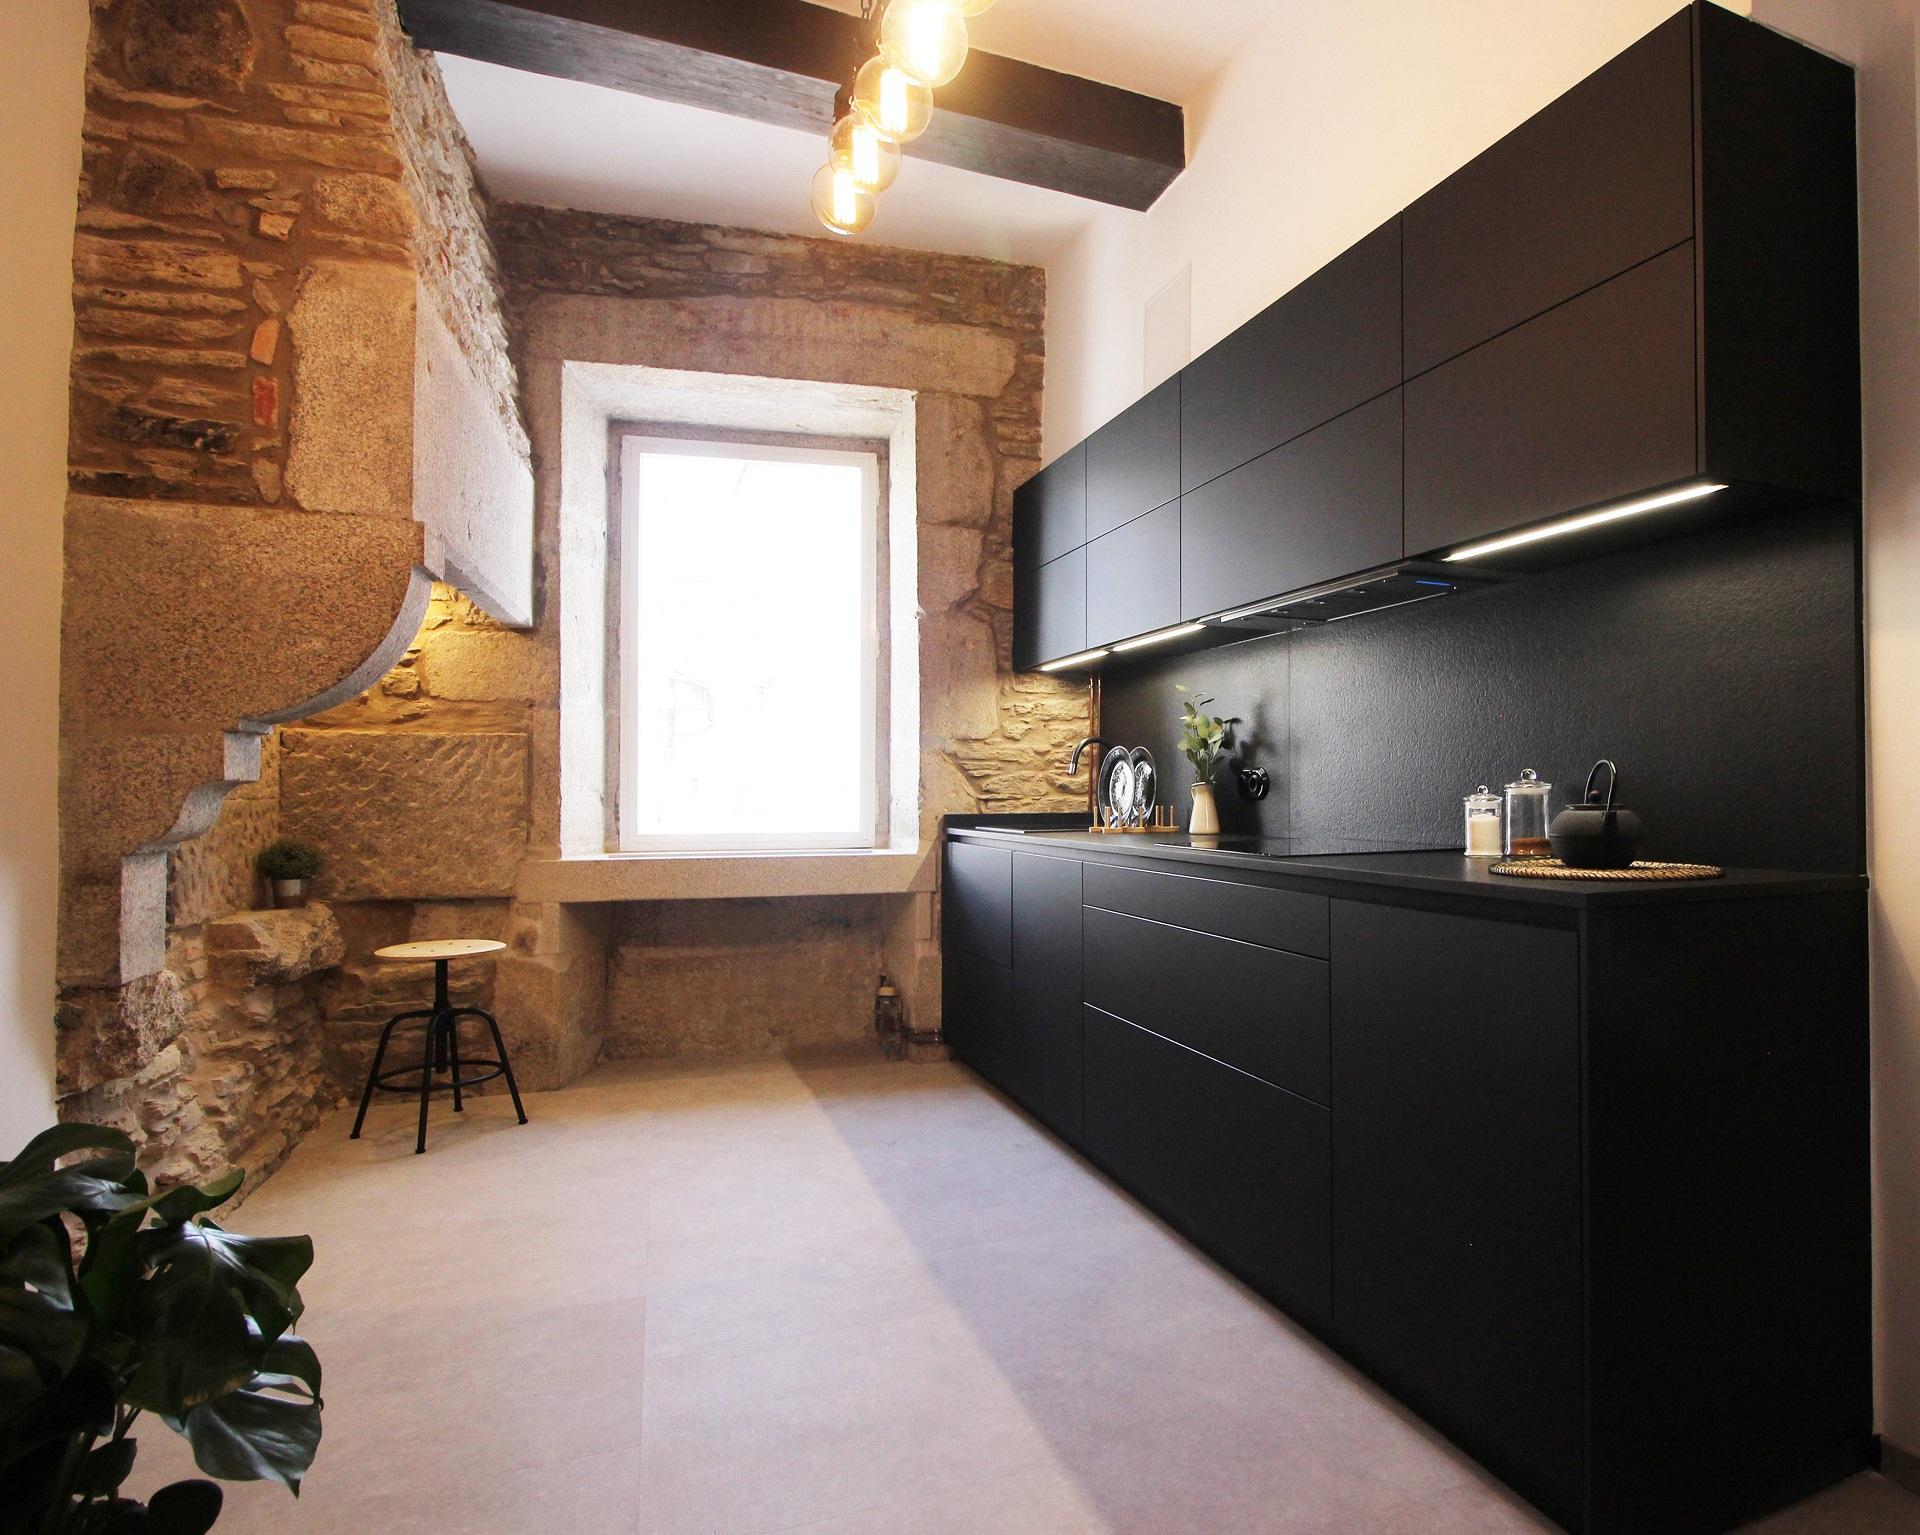 Cocinas rústicas con encanto amplias y luminosas Santiago Interiores